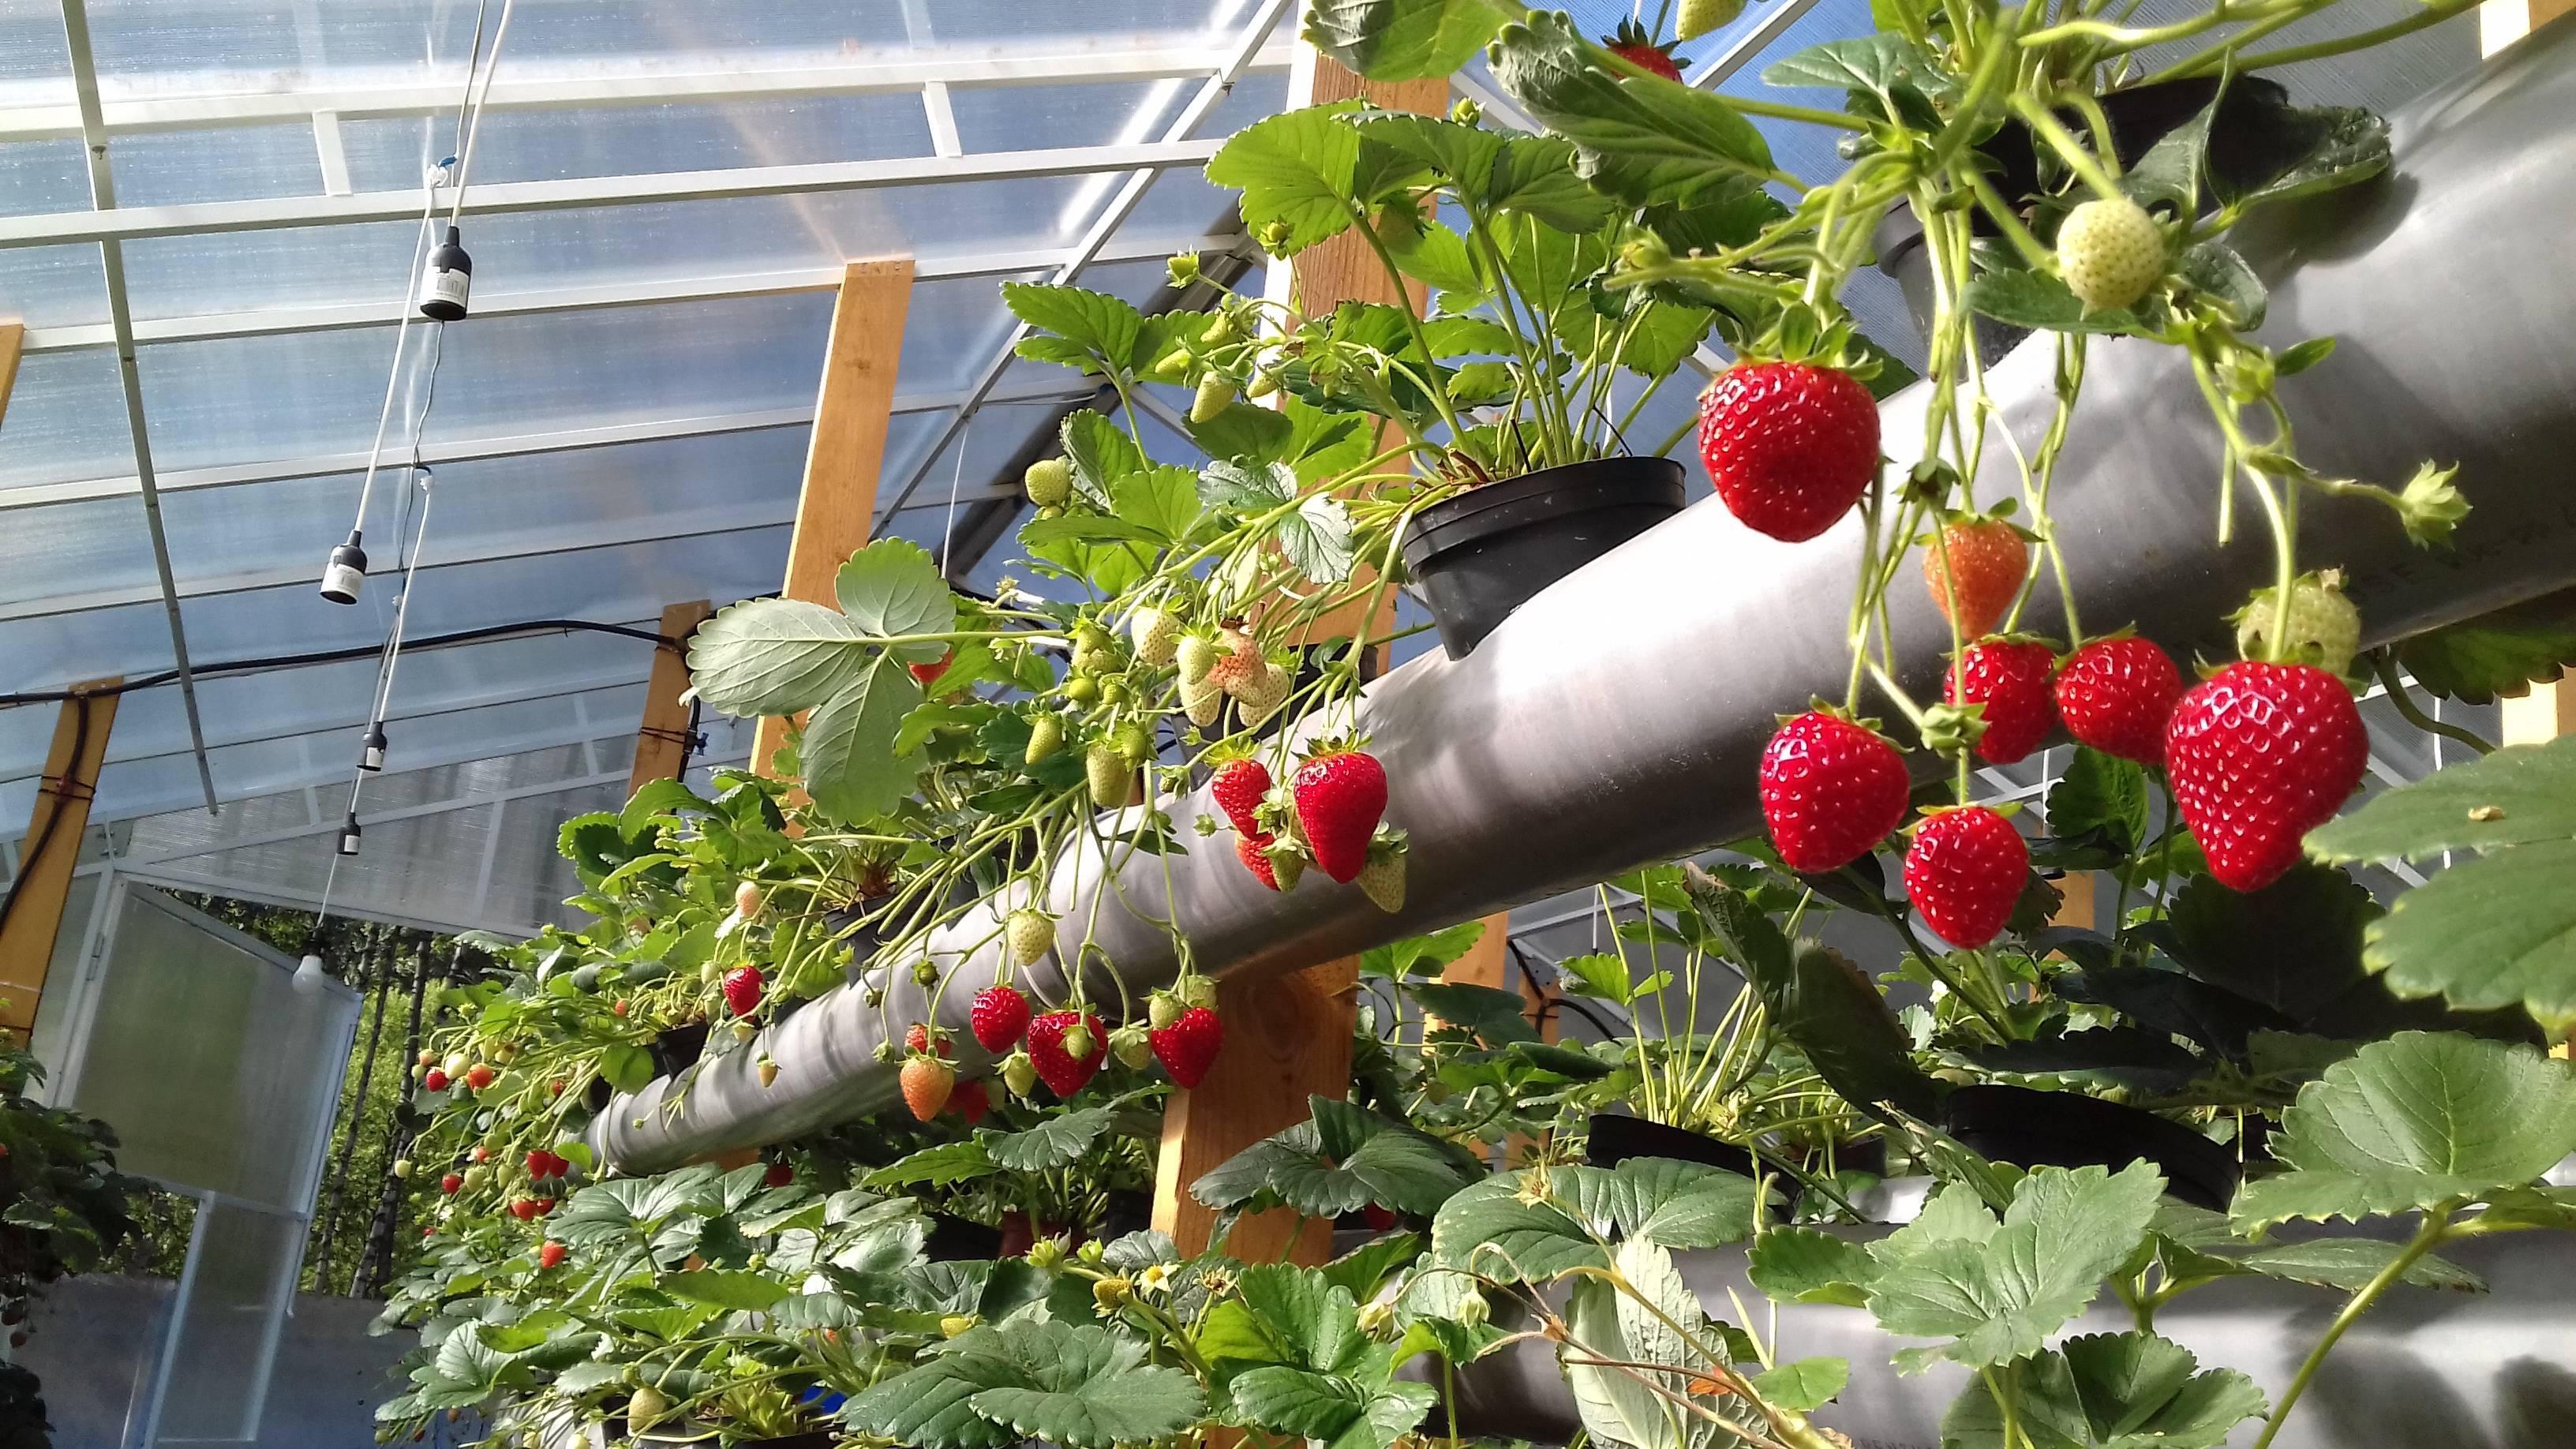 Выращивание клубники в теплице круглый год: технология и методы